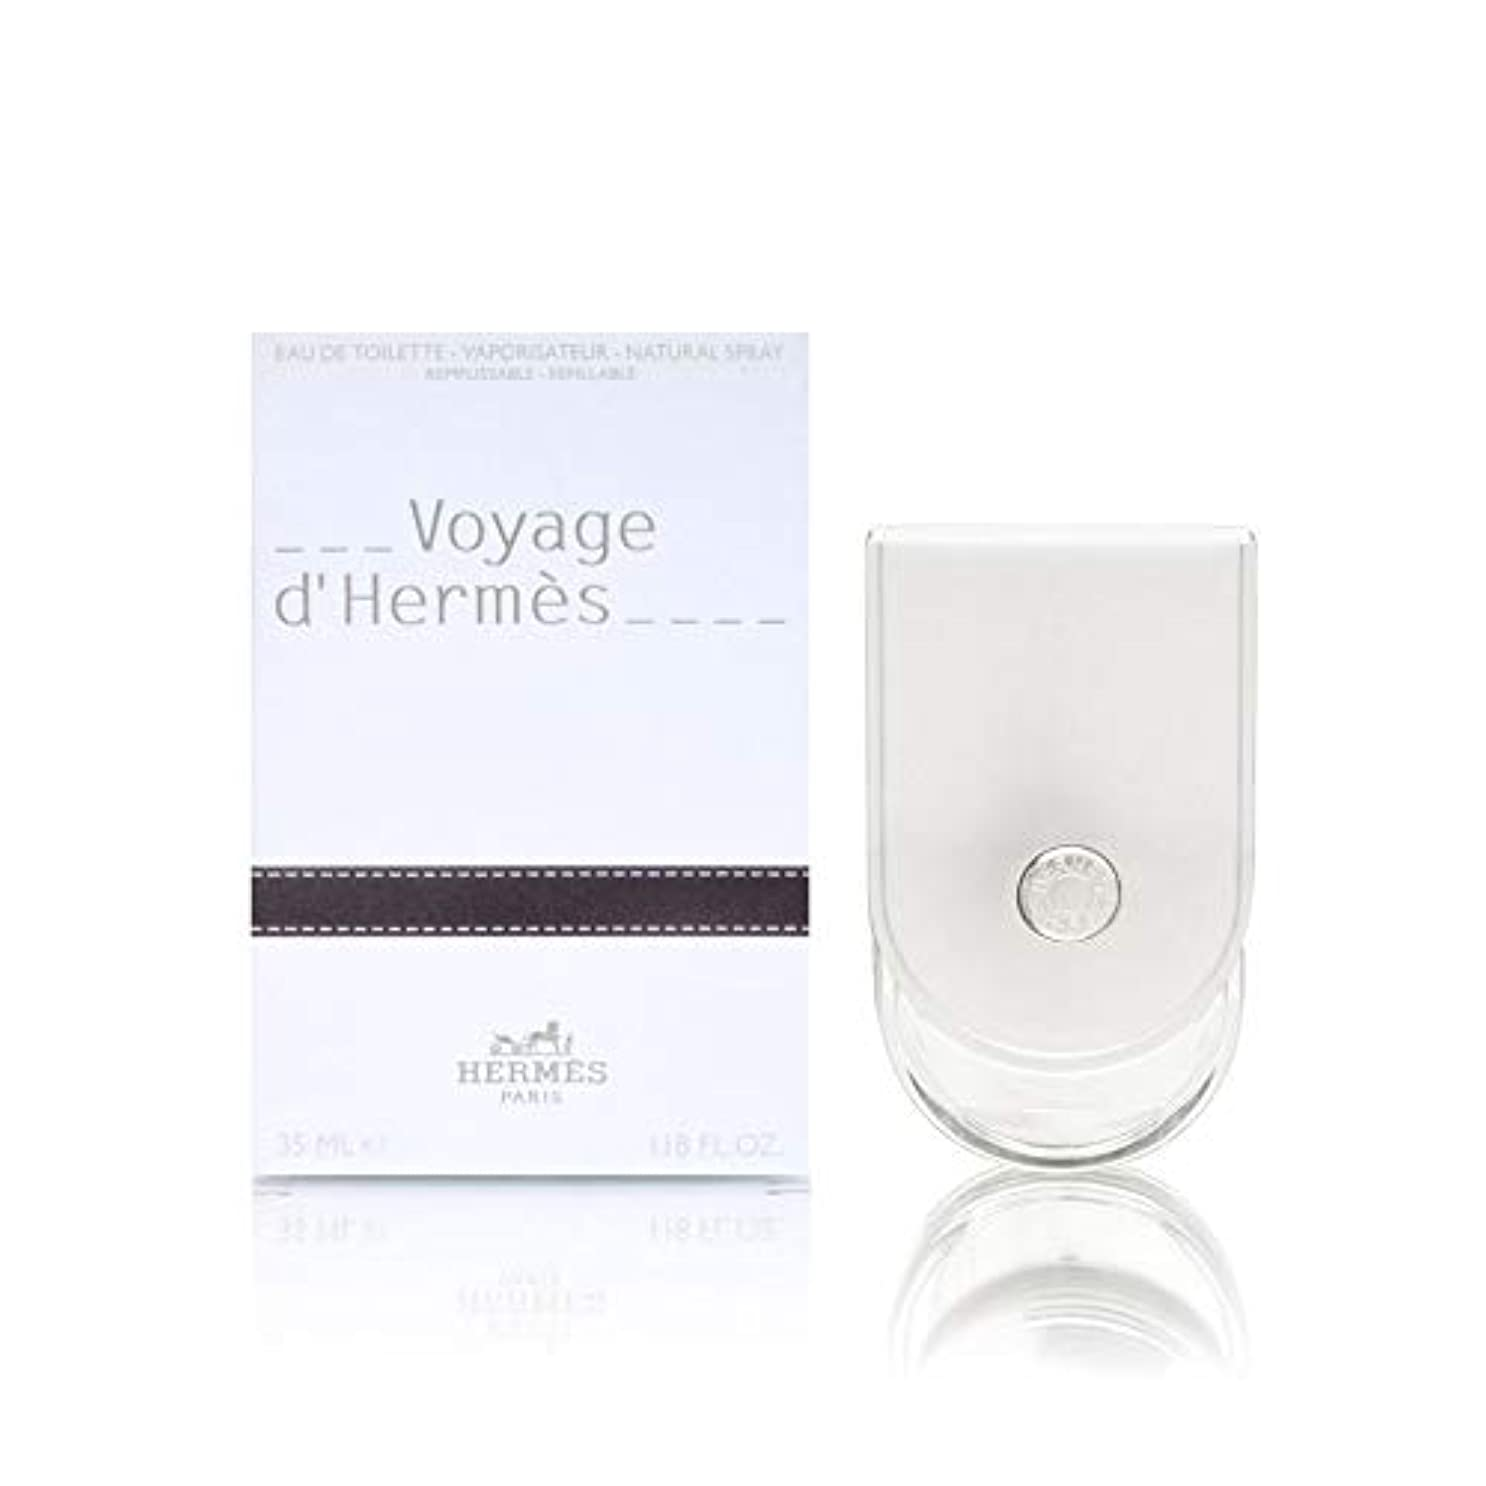 相手調整クライストチャーチエルメス ヴォヤージュ ドゥ エルメス オードトワレ EDT ナチュラルスプレー 35mL 香水